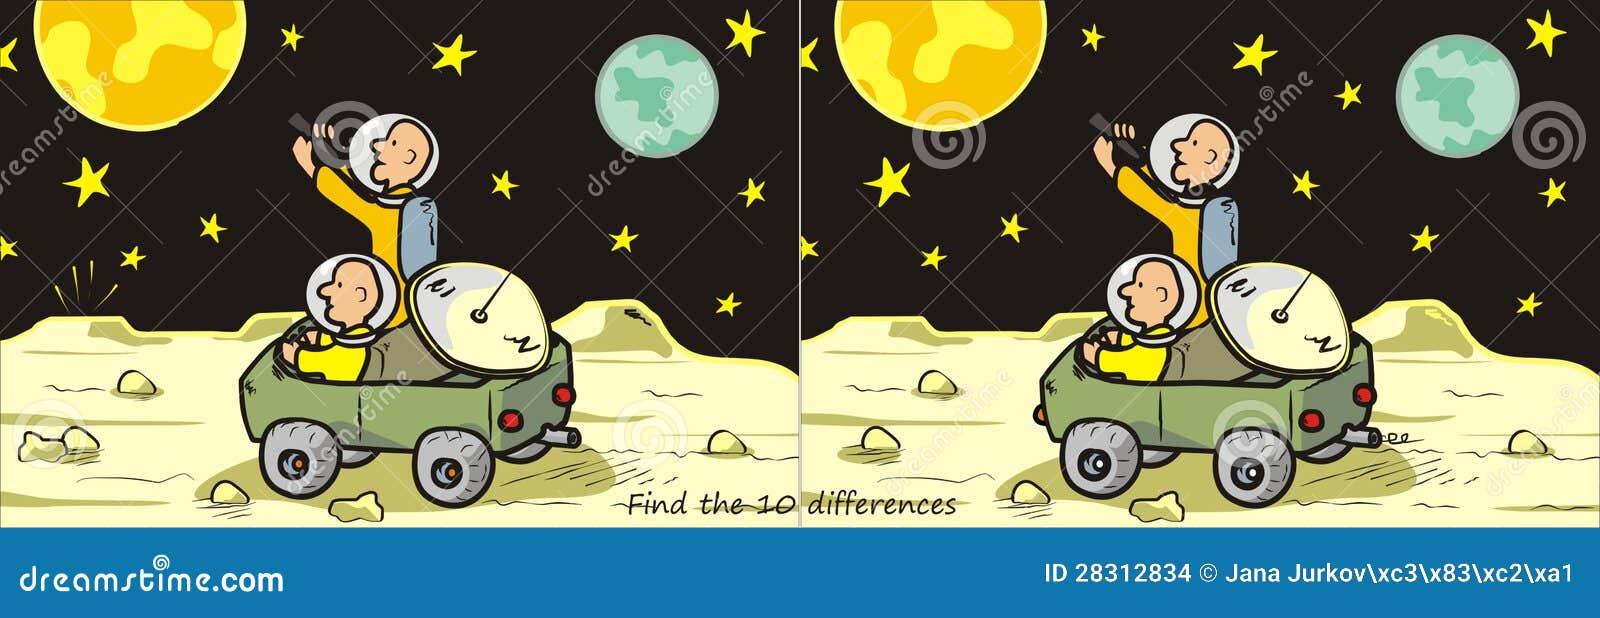 Księżyc znalezisko 10 różnic